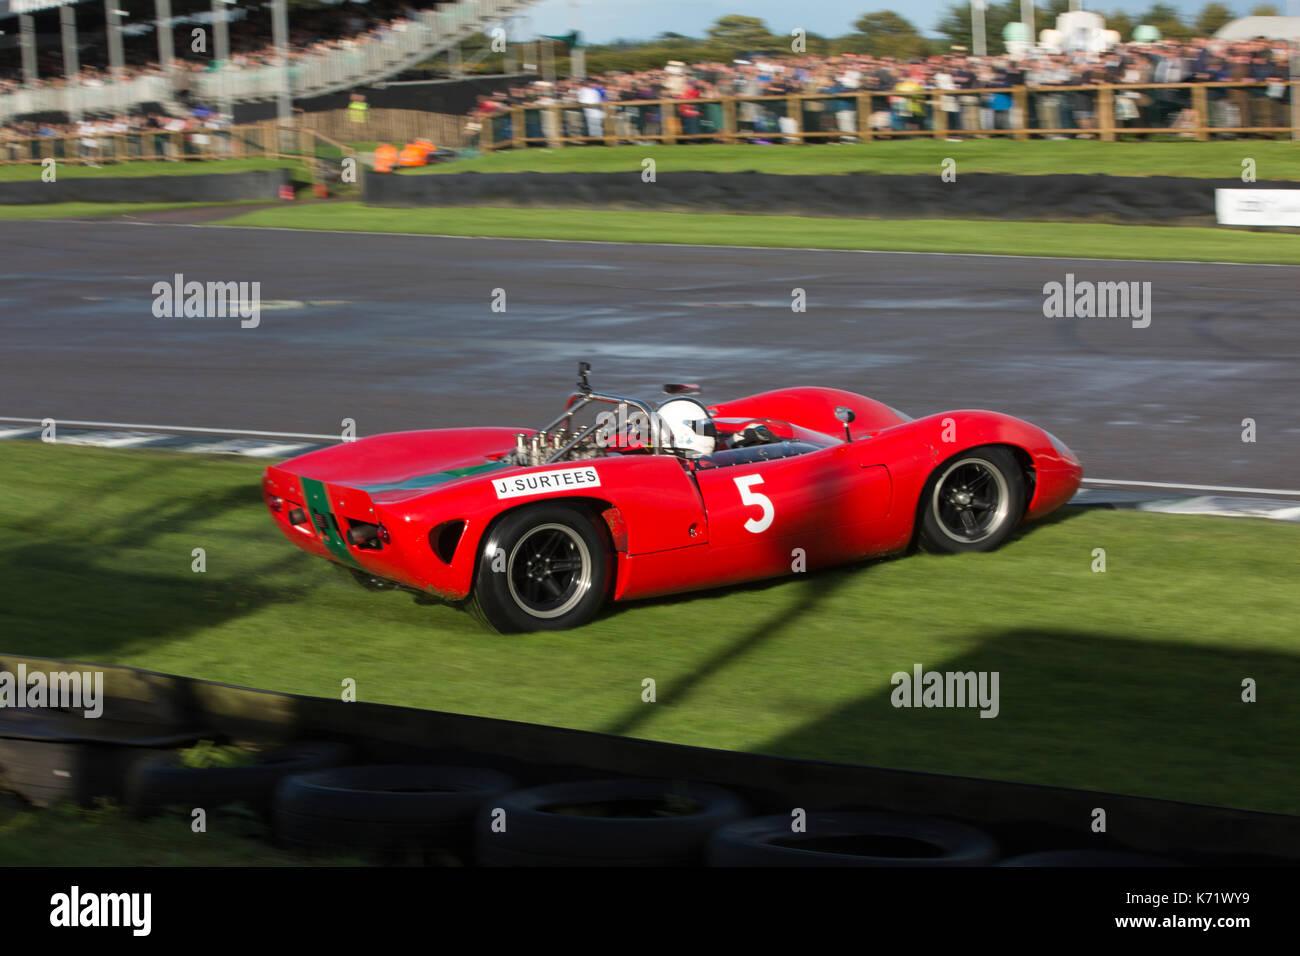 Lola Racing Cars Stock Photos & Lola Racing Cars Stock Images - Alamy